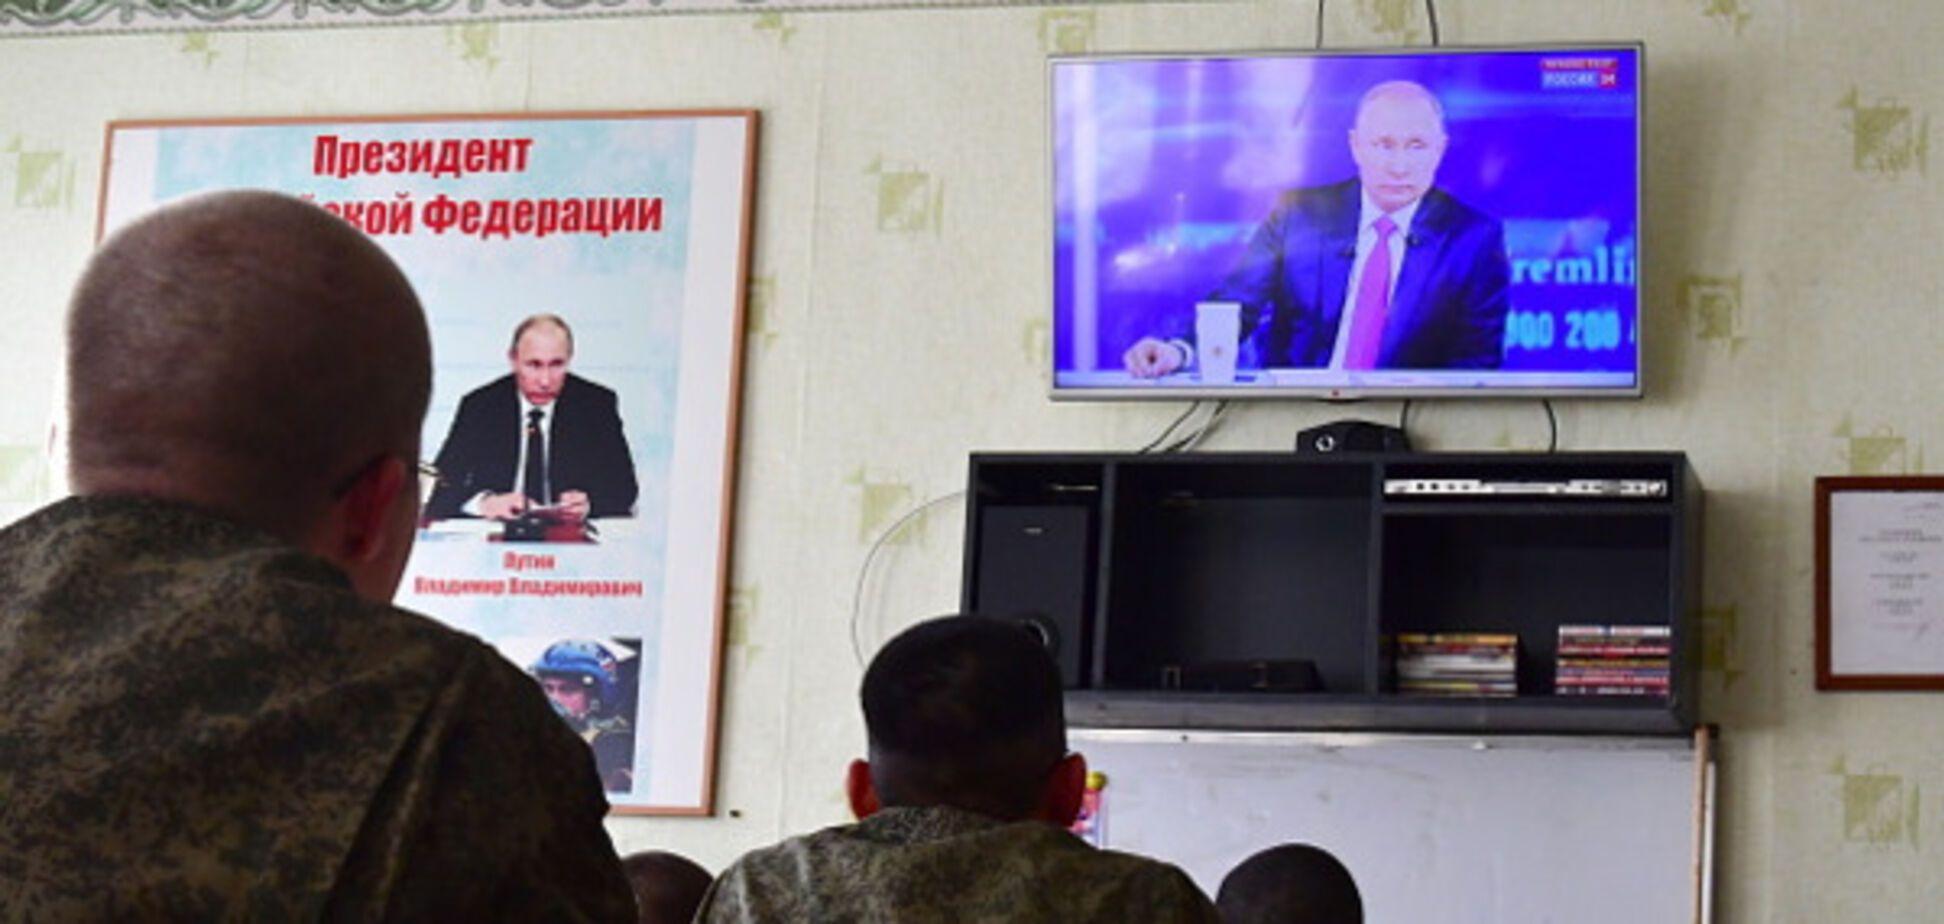 Прямая линия Путина: о чем говорил лидер РФ и как намеками отвечал Порошенко